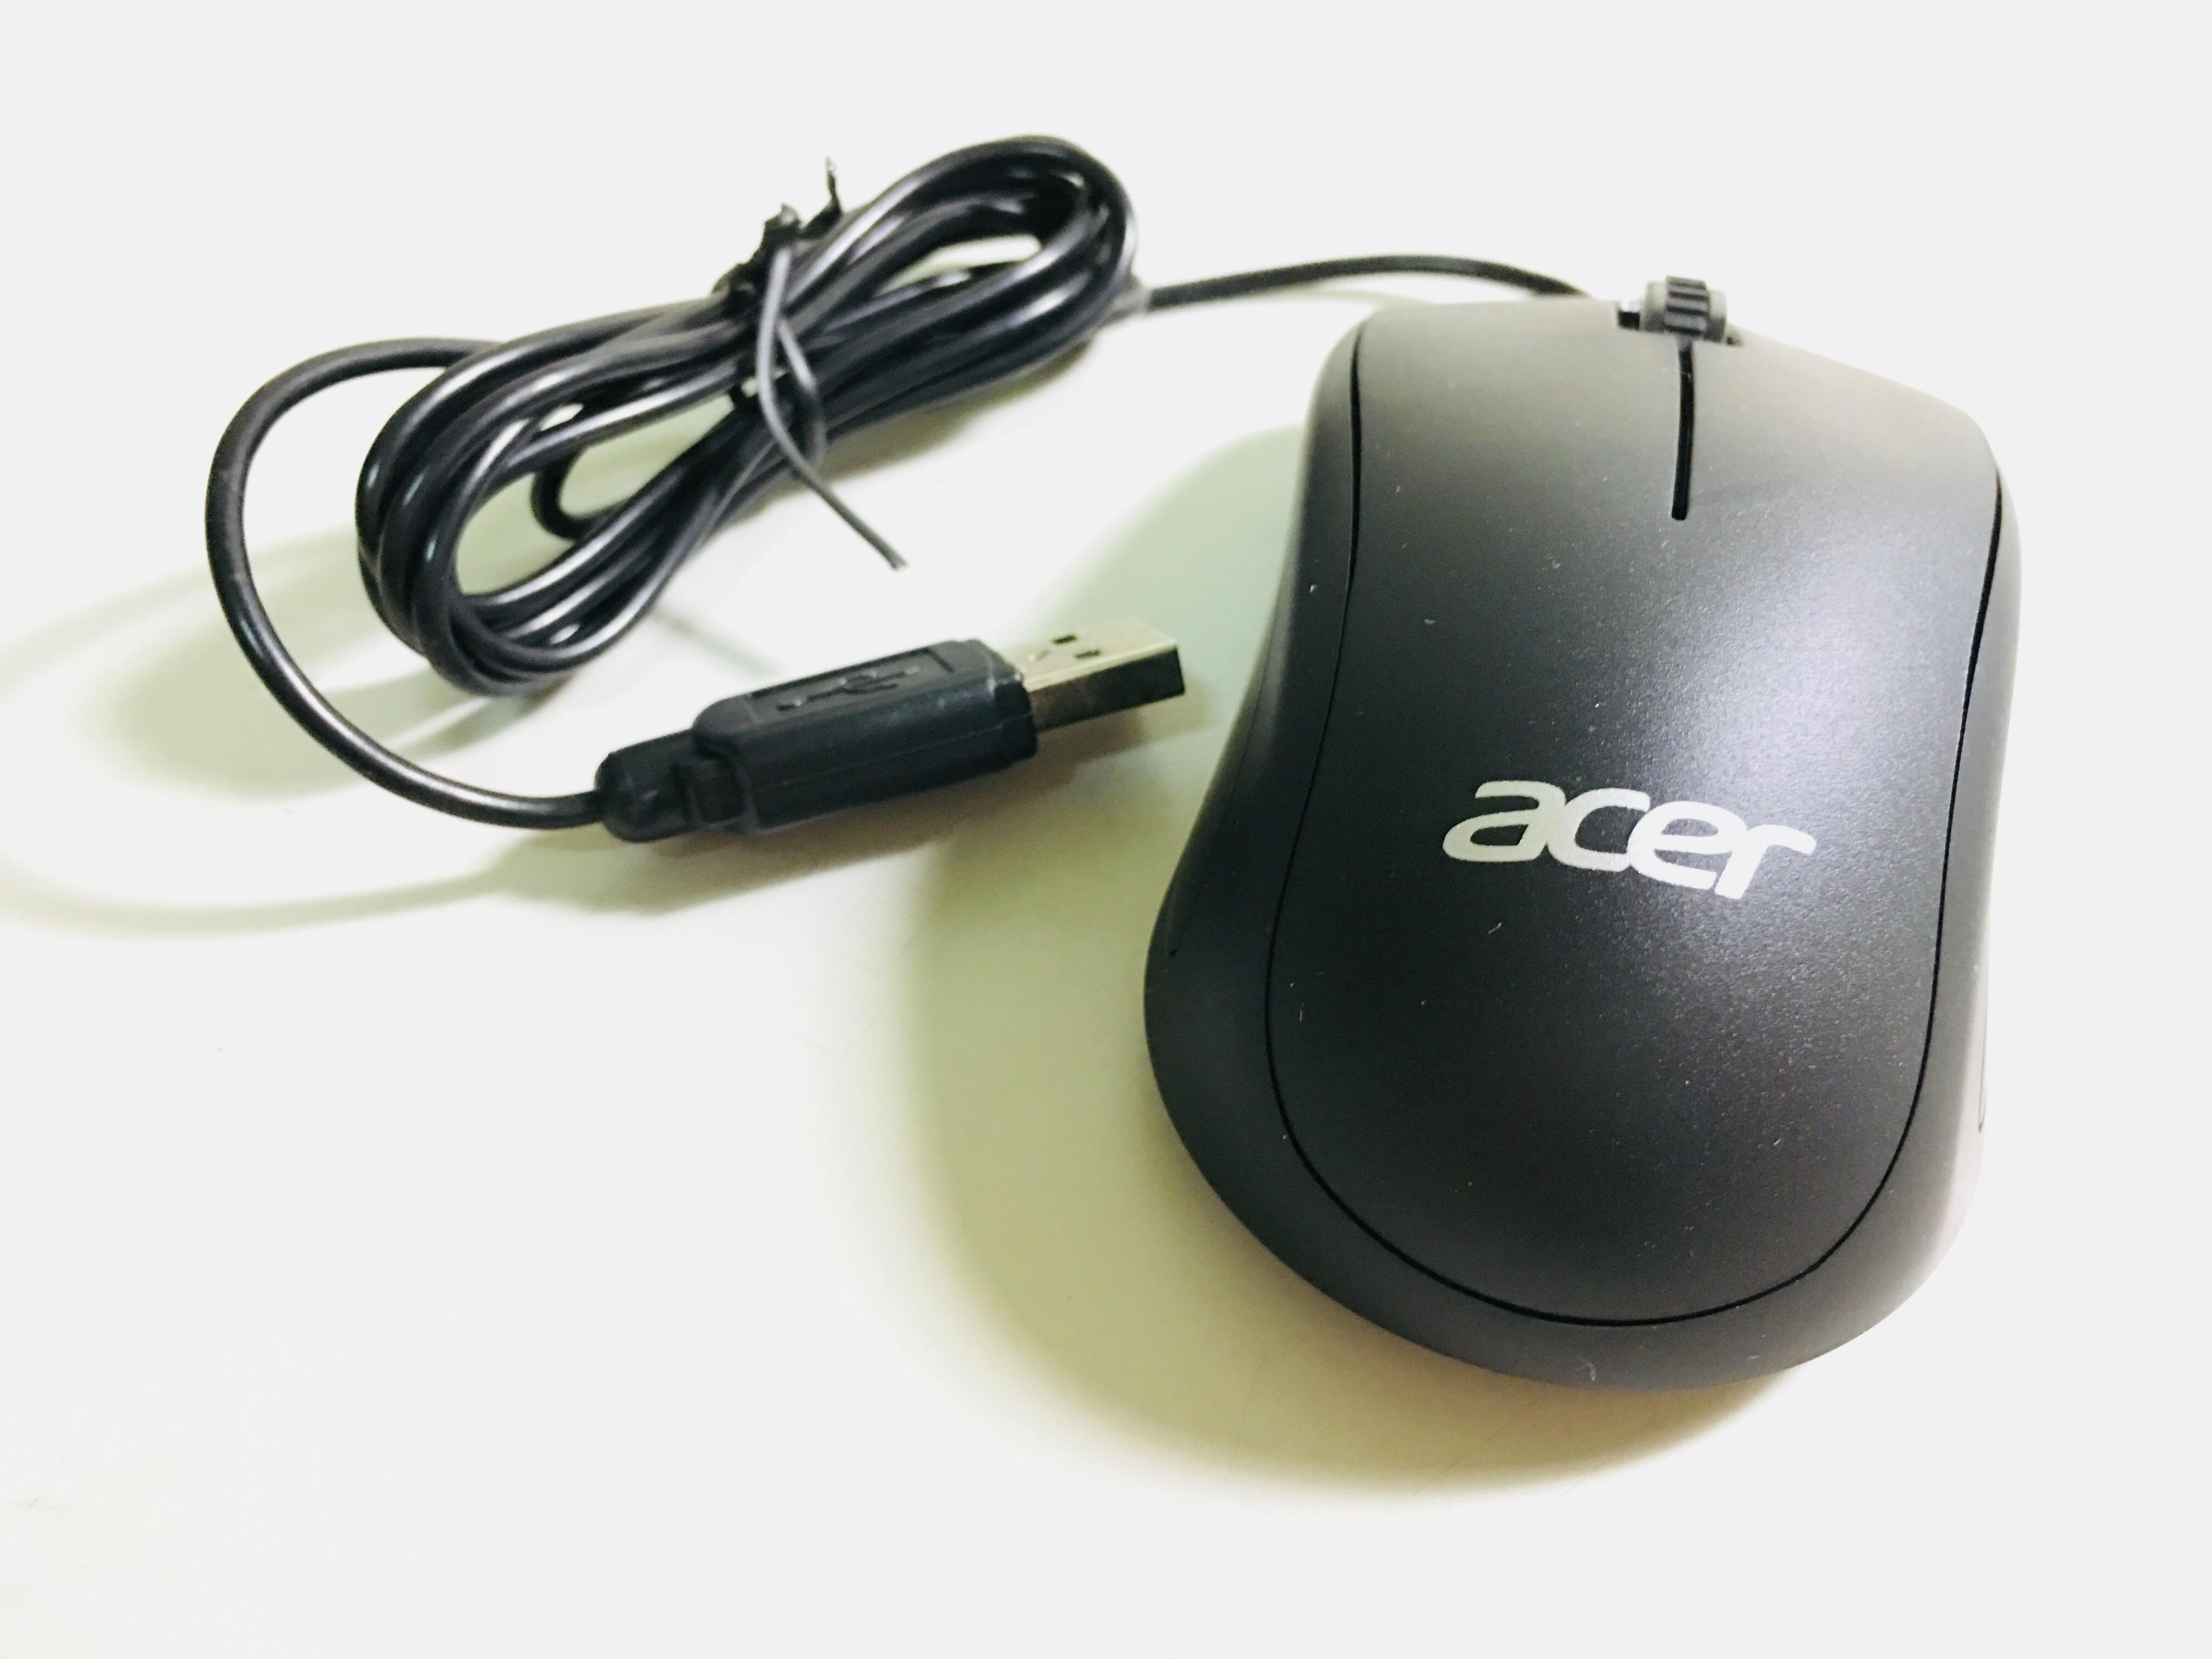 滑鼠 點擊時聲音清脆有力,在圖書館特別響亮XD